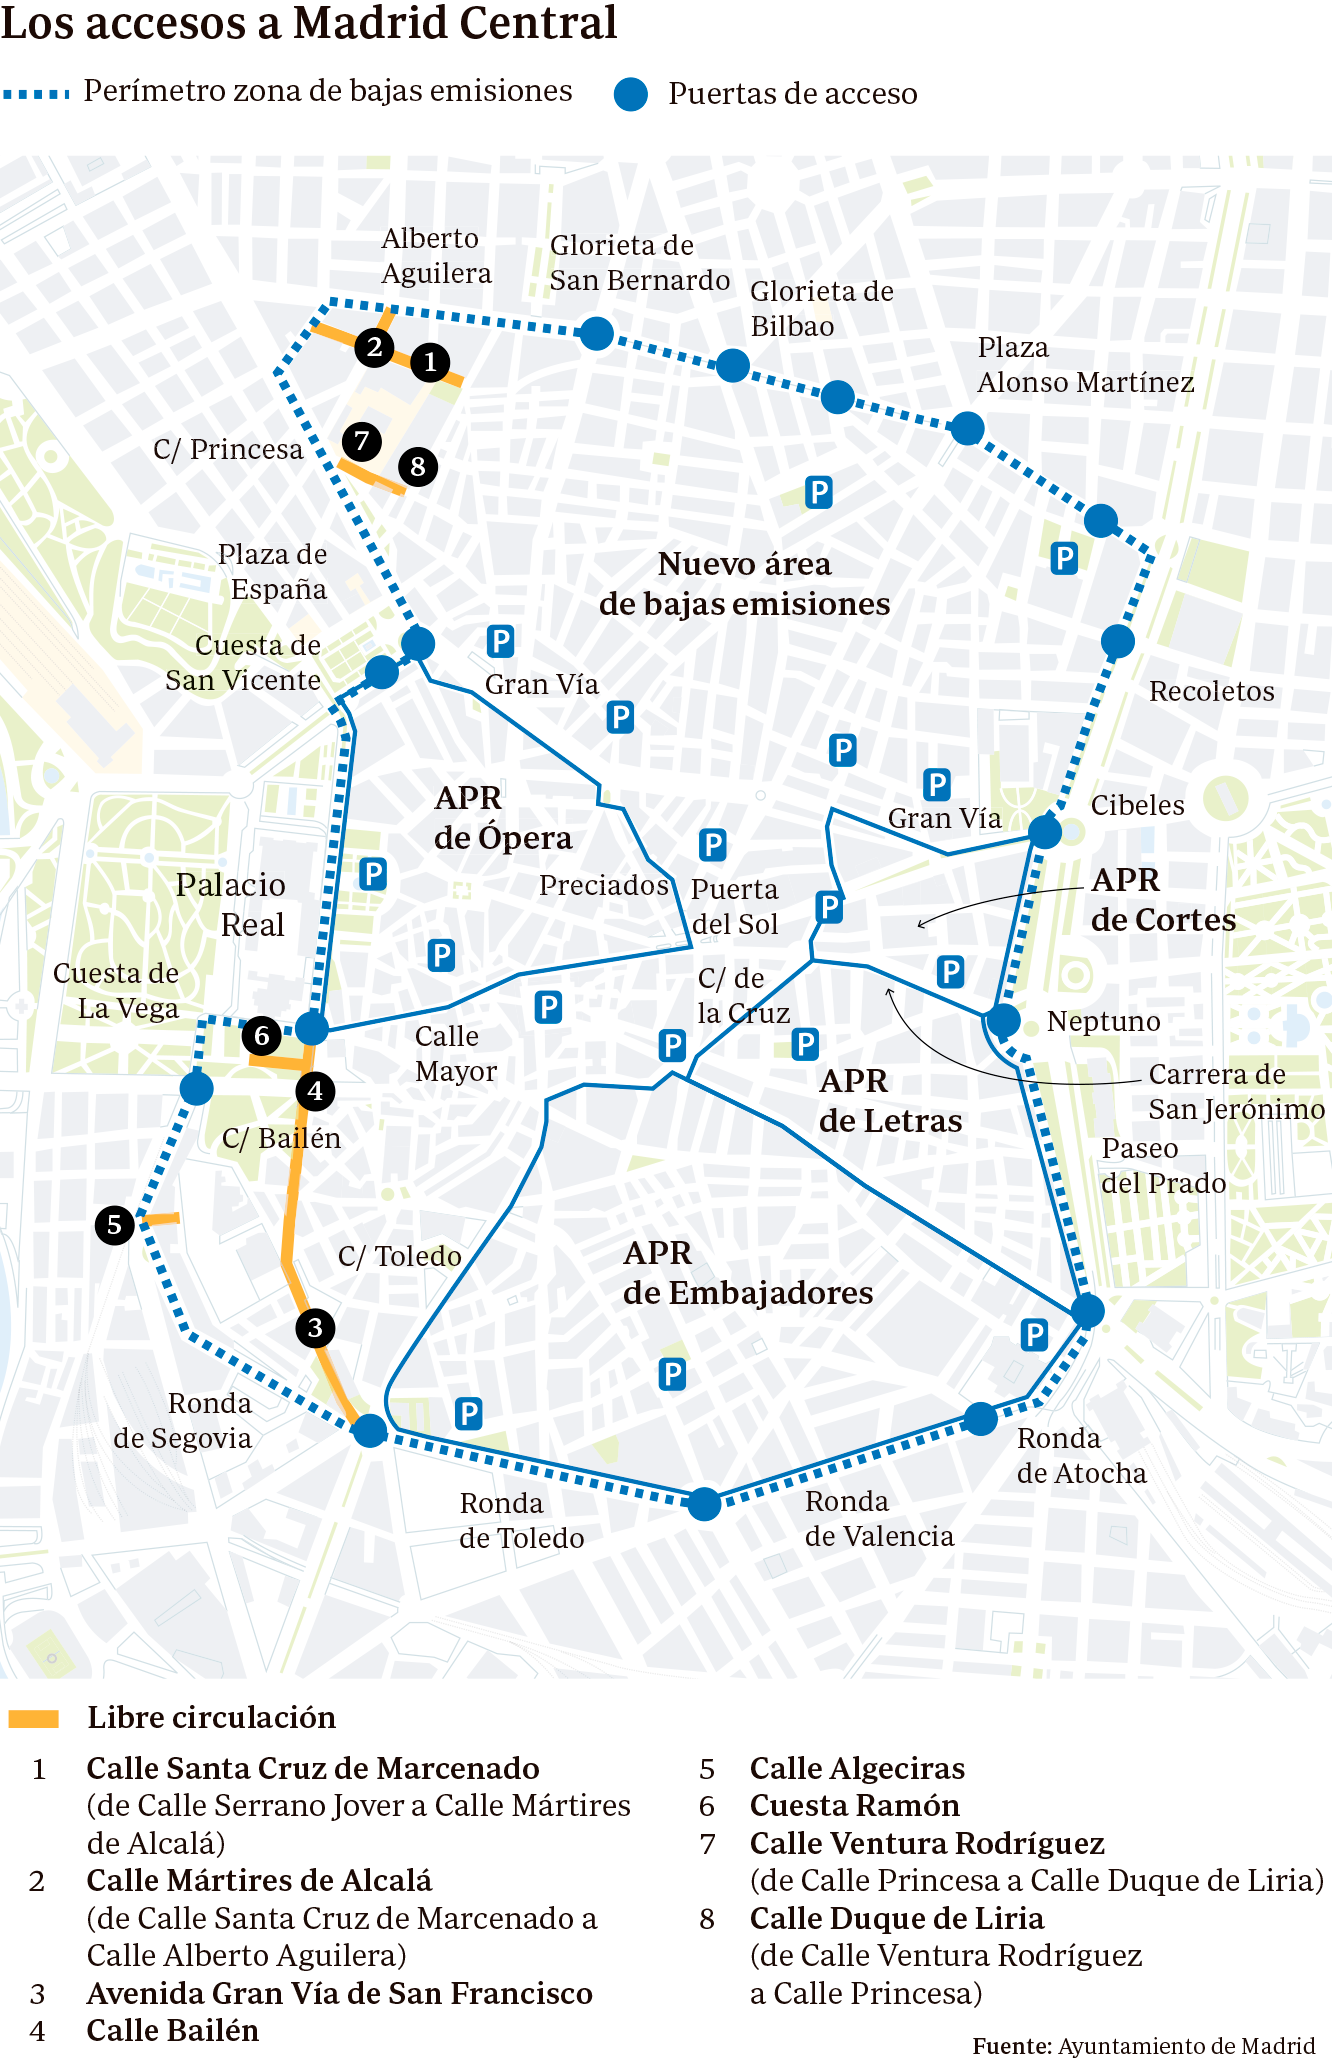 Restricciones Tráfico Madrid Mapa.Madrid Central Entra En Vigor Guia Para Circular Por El